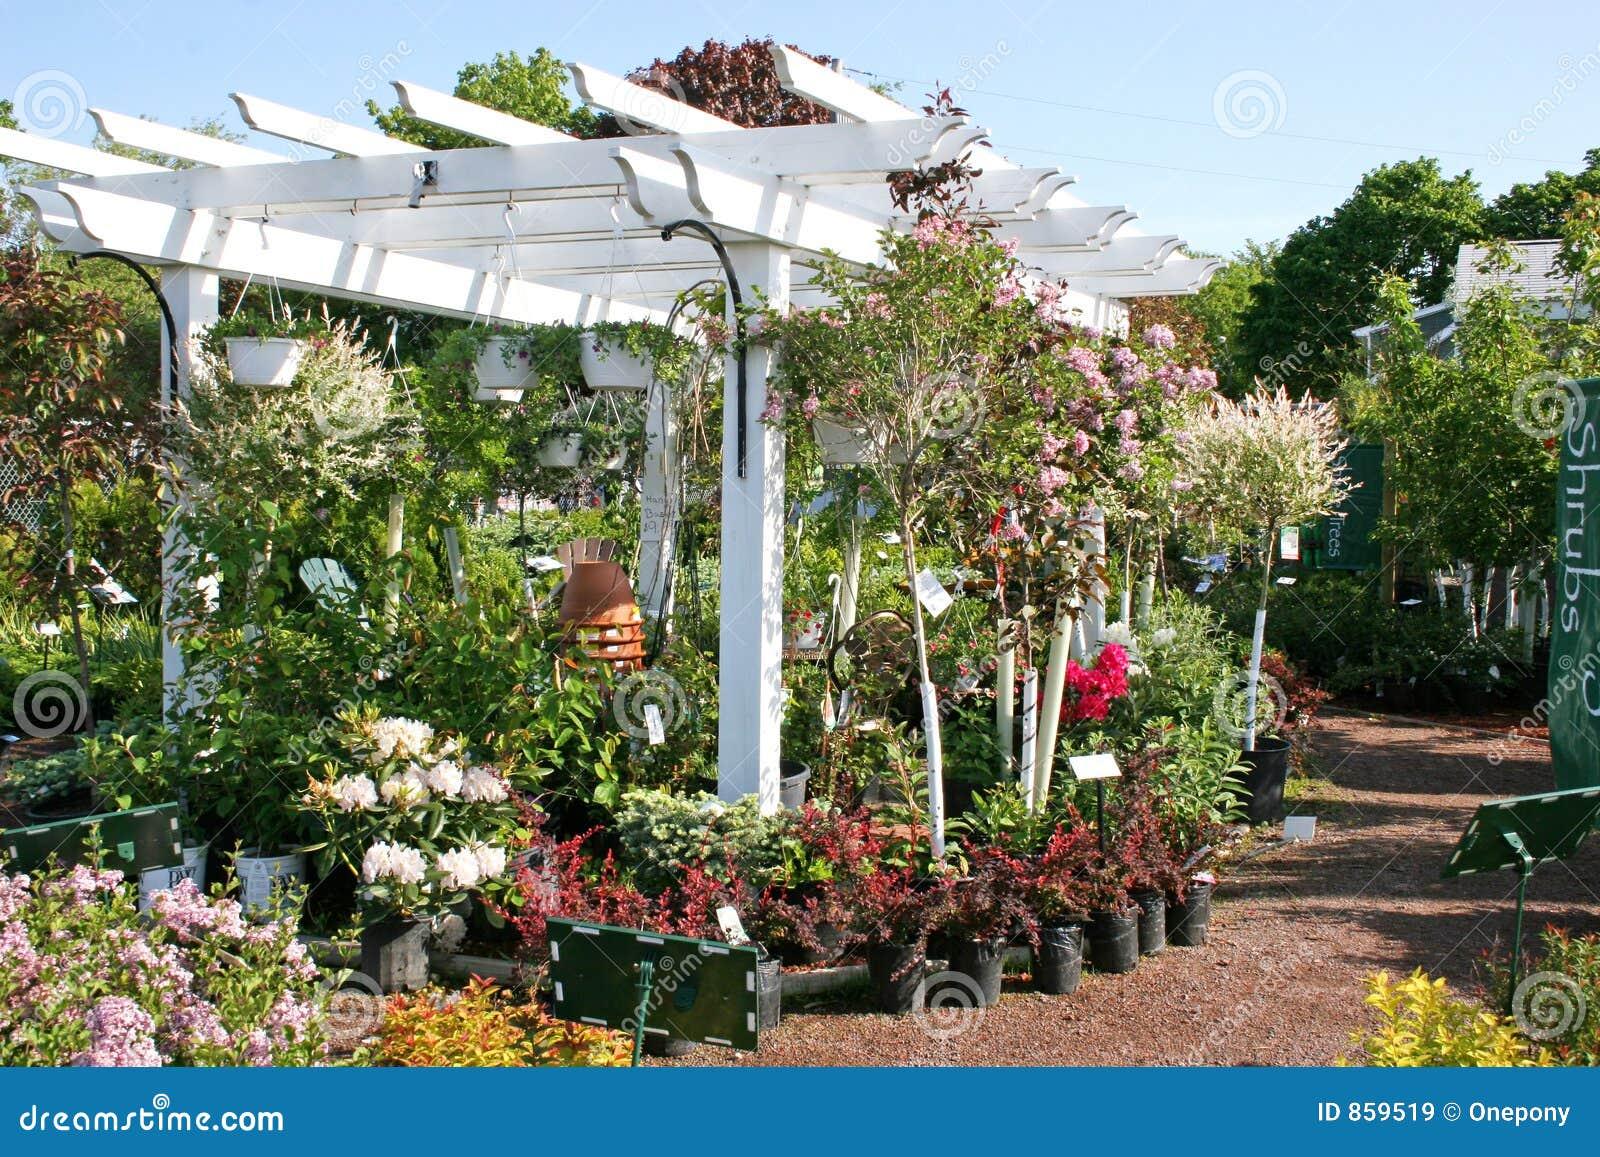 De pergola van het centrum van de tuin royalty vrije stock afbeeldingen afbeelding 859519 - Pergola verkoop ...